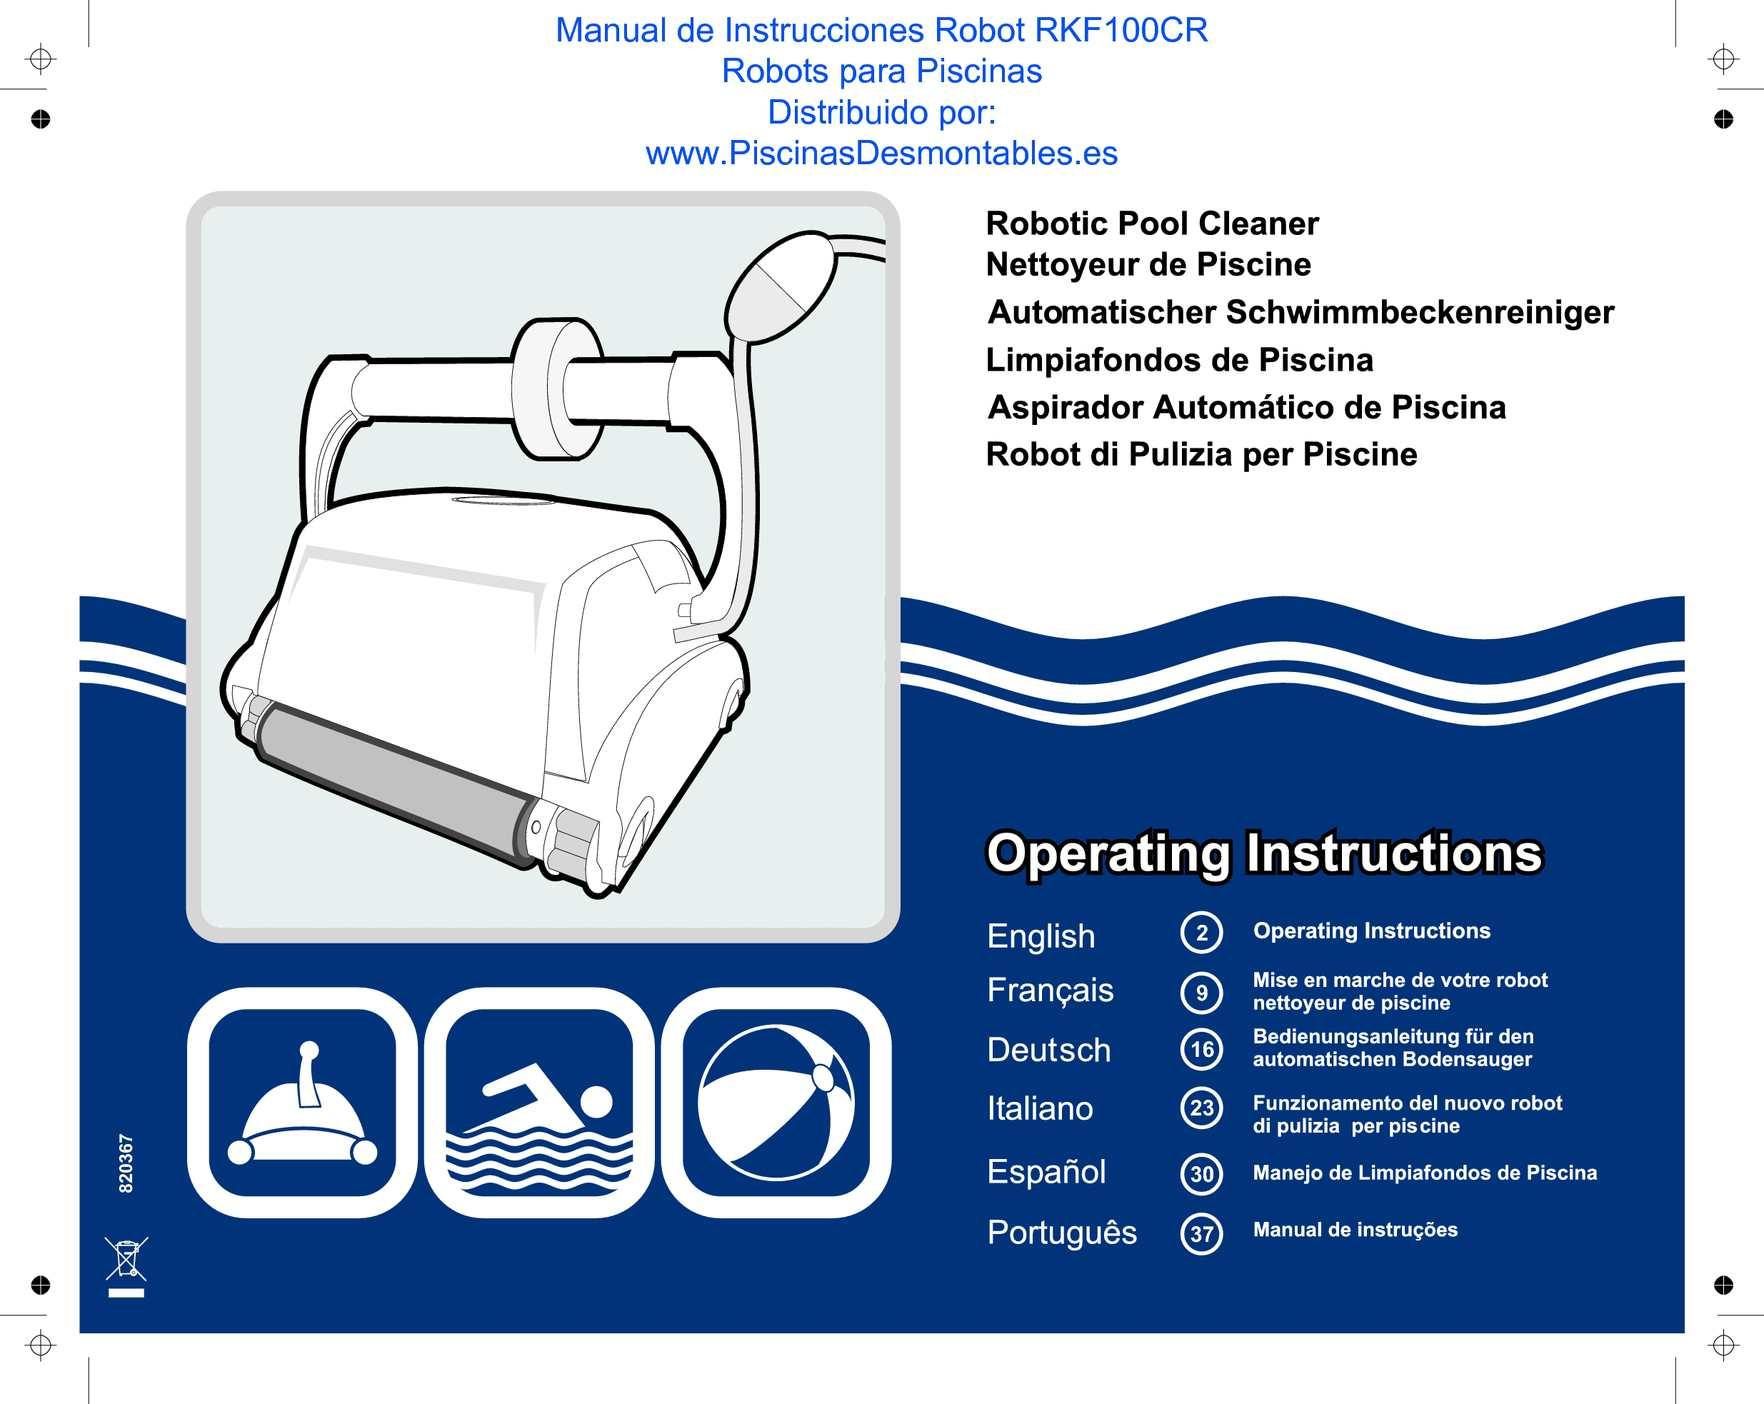 Calam o manual de instrucciones piscinas gre robot rkf100cr for Manual mantenimiento piscinas